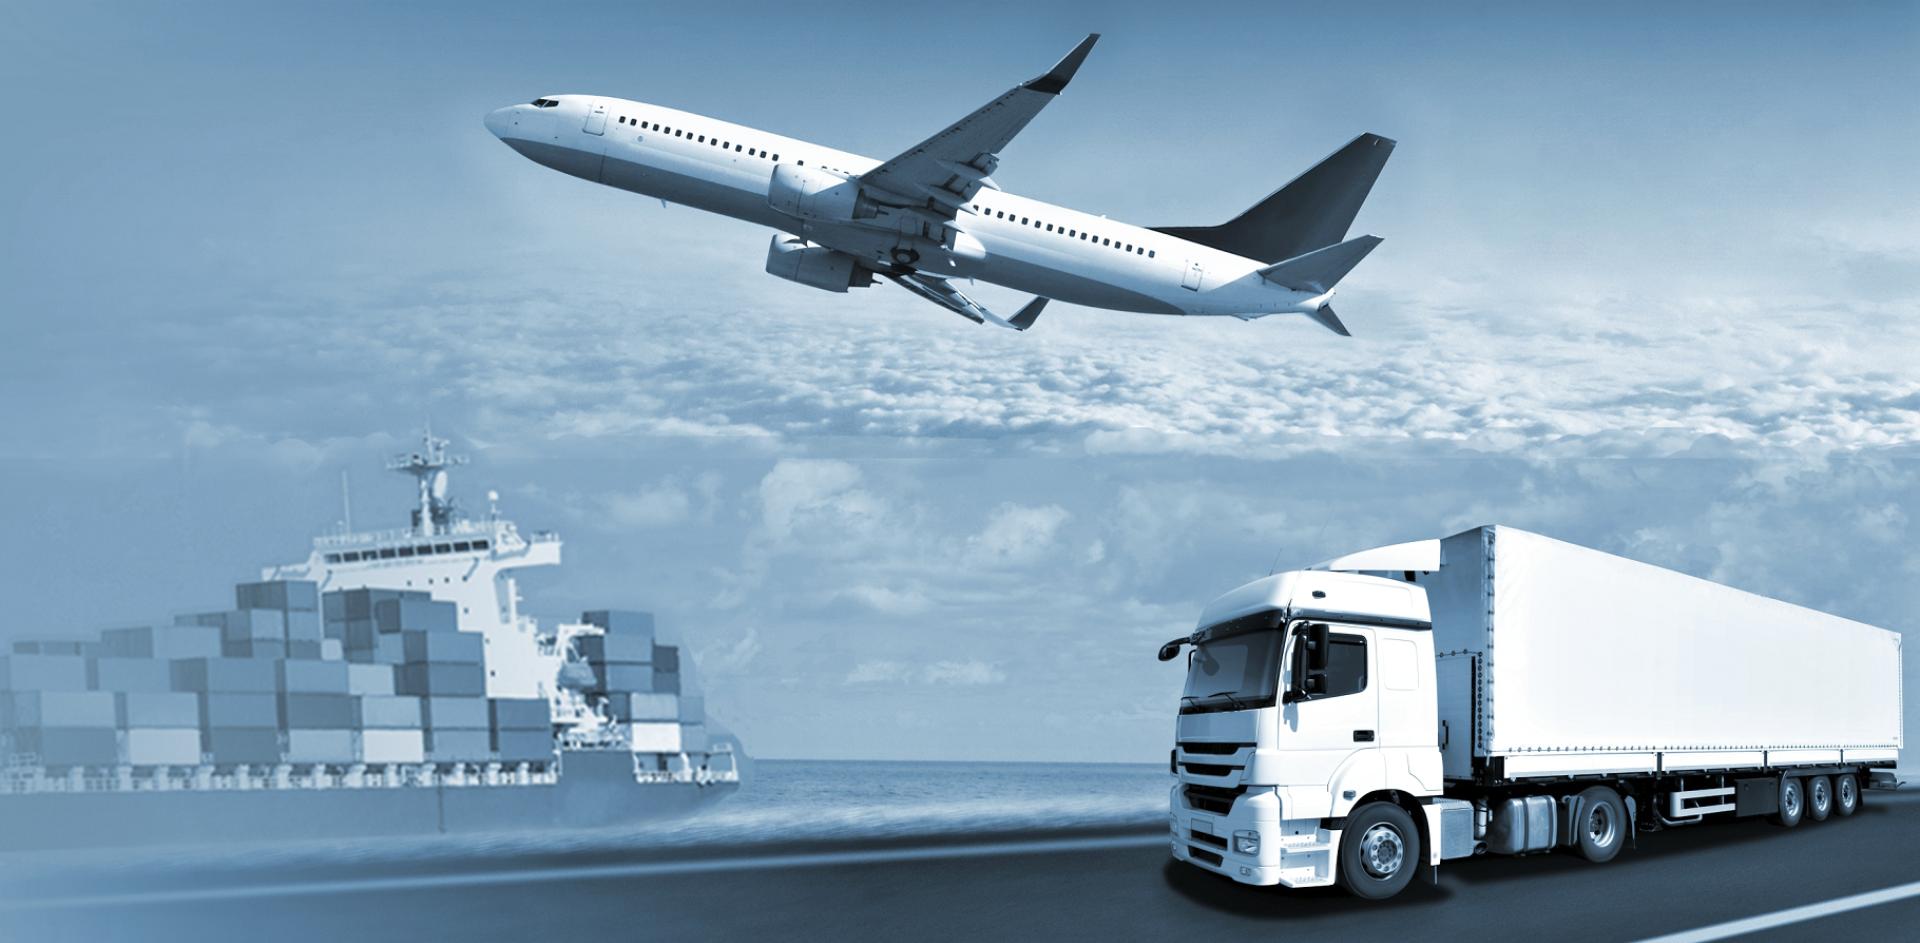 Подписанная ТТН является гарантией принятия товара заказчиком и подтверждает исполнение обязанностей грузоотправителя